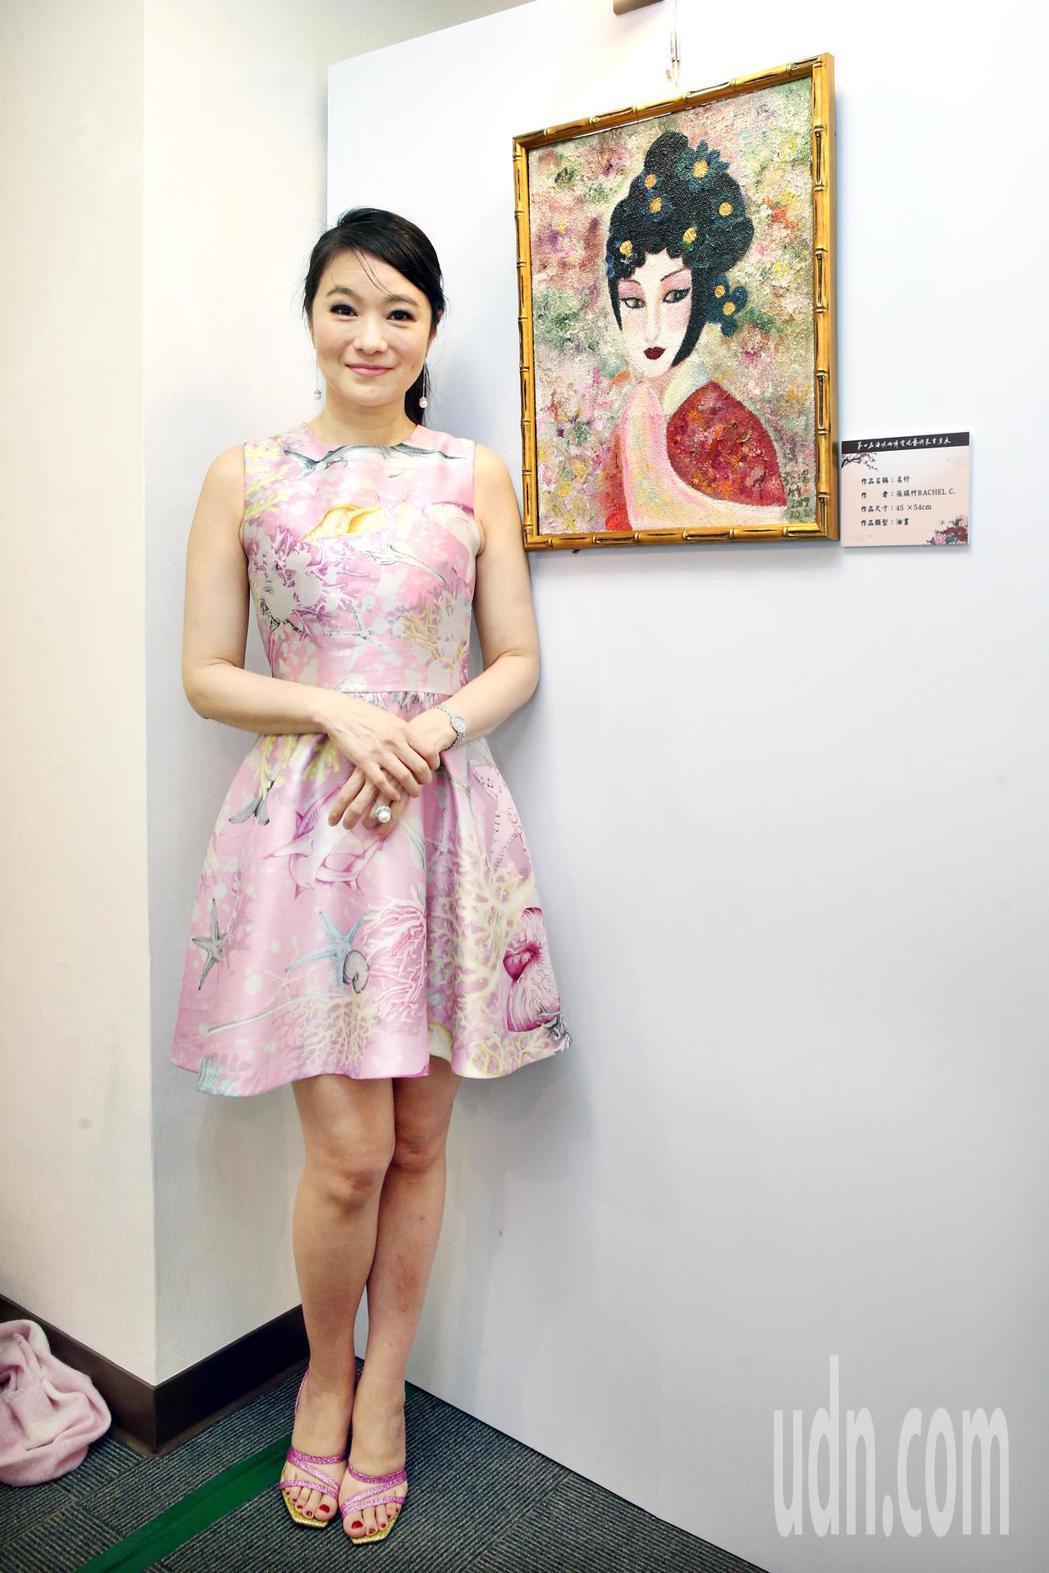 張瑞竹與她的作品參與第七屆海峽兩岸電視藝術節展出。記者蘇健忠/攝影